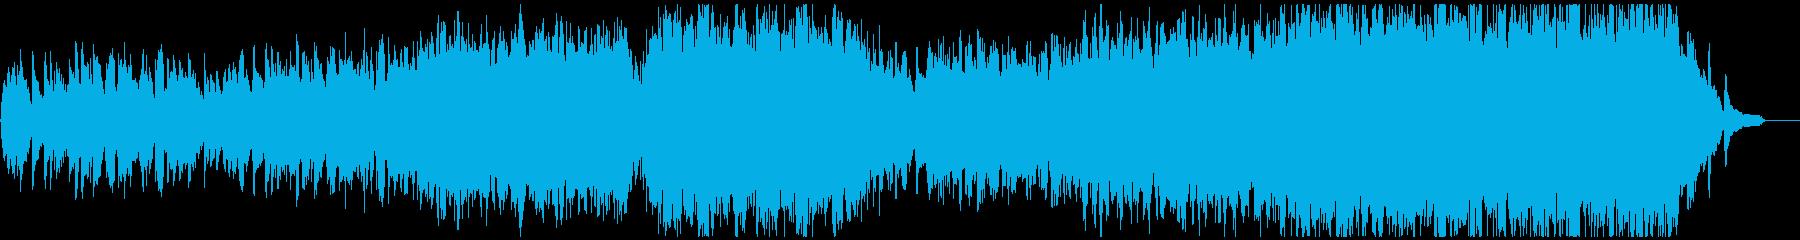 ヴァイオリン主体の、感動系バラードの再生済みの波形